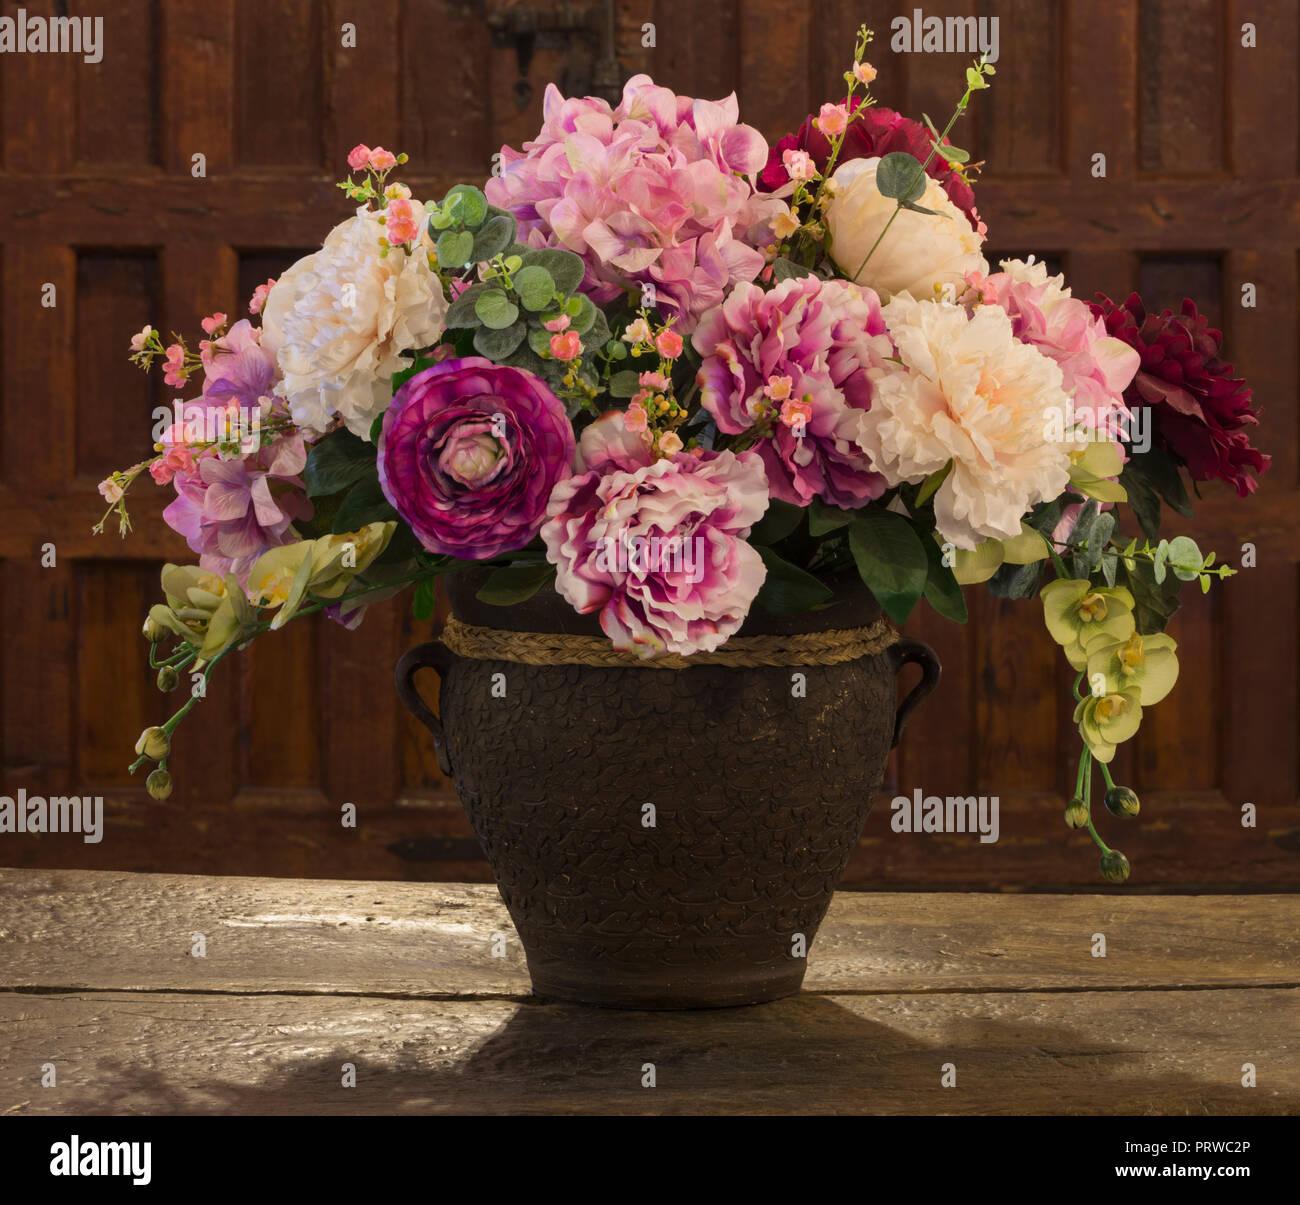 Decoración floral en florero antiguo cuadro en dificultades. Foto de stock